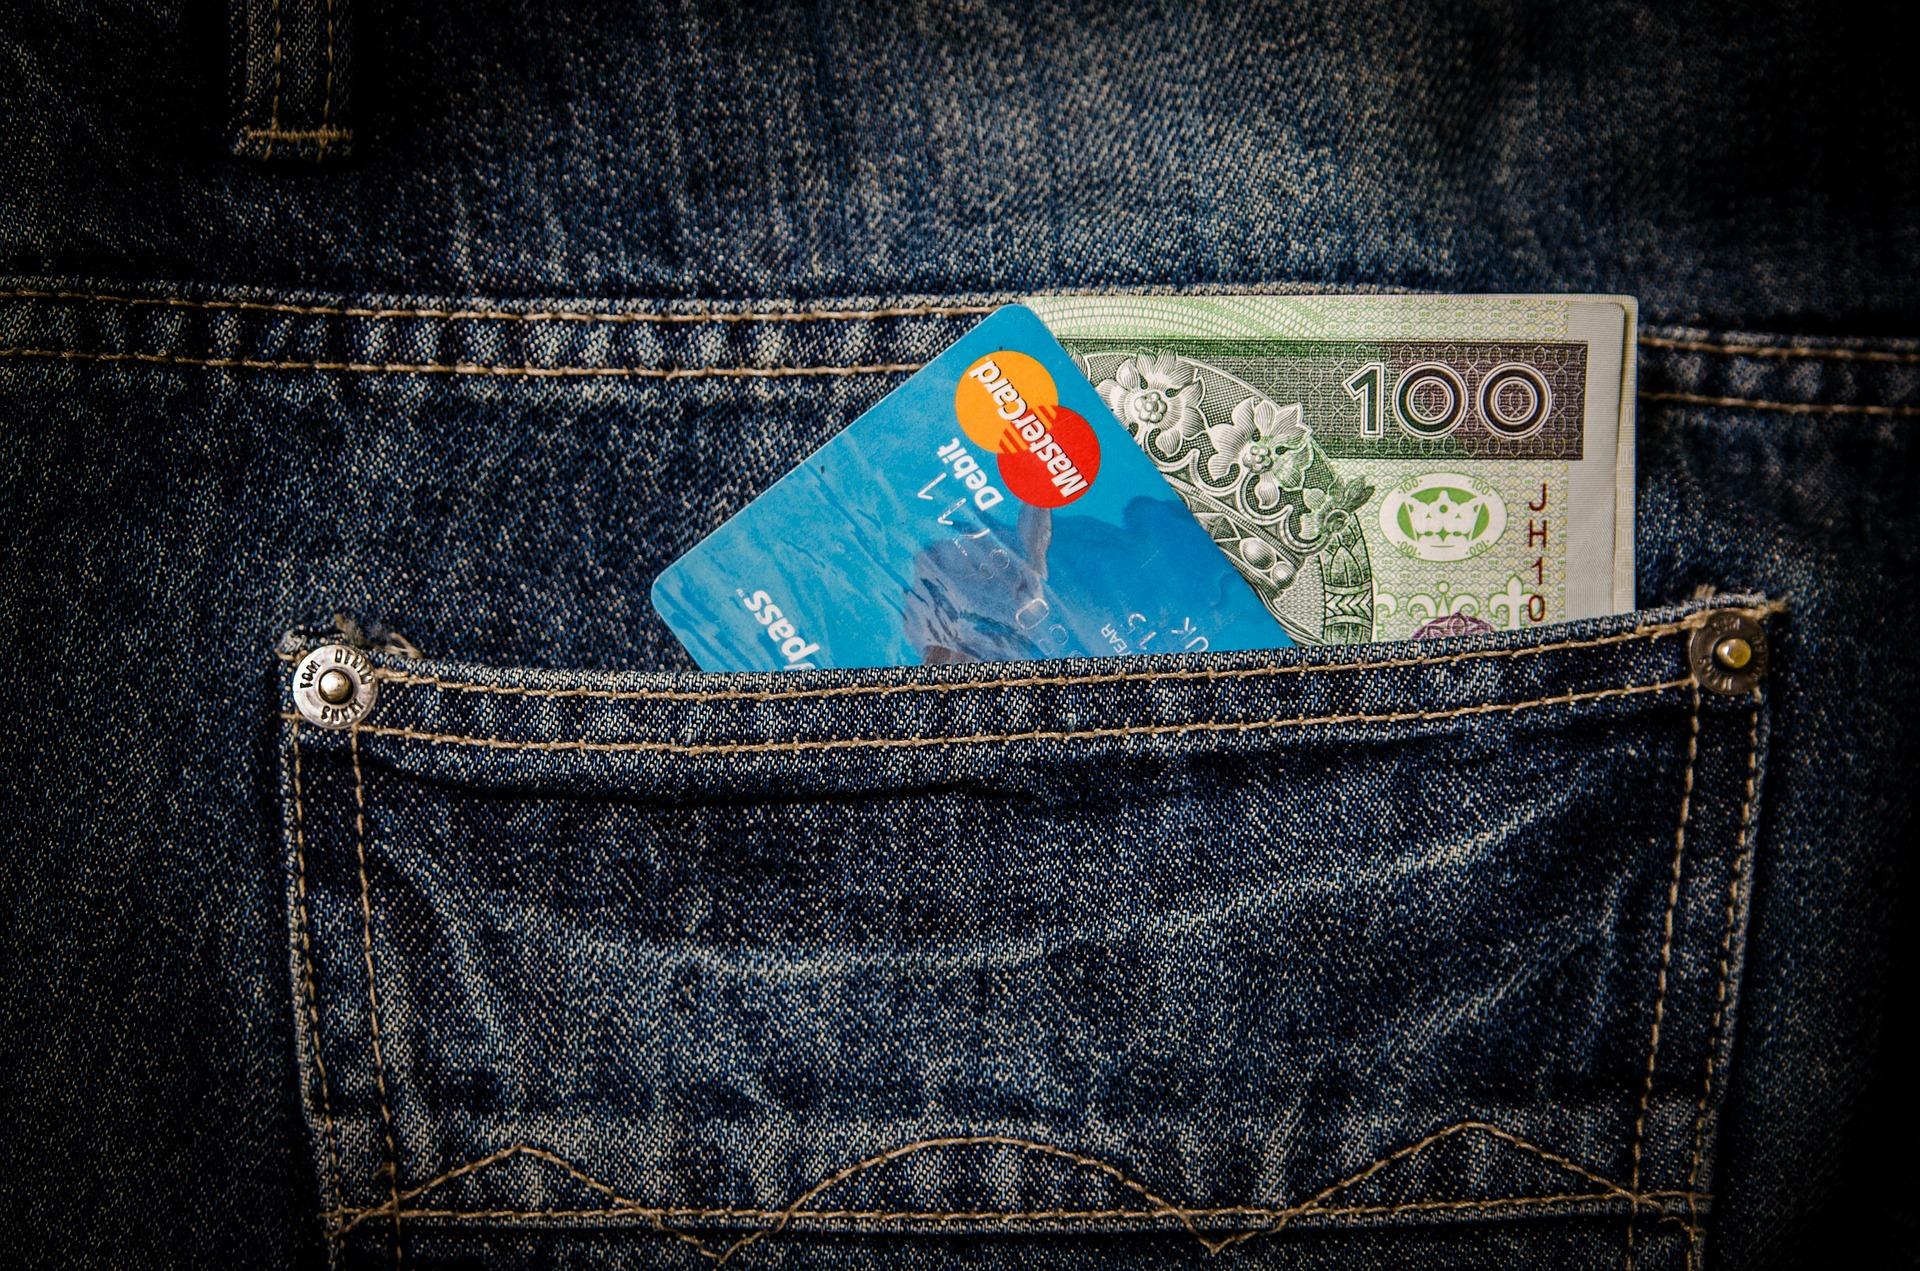 XMでクレジットボーナスを消滅させずに出金する方法